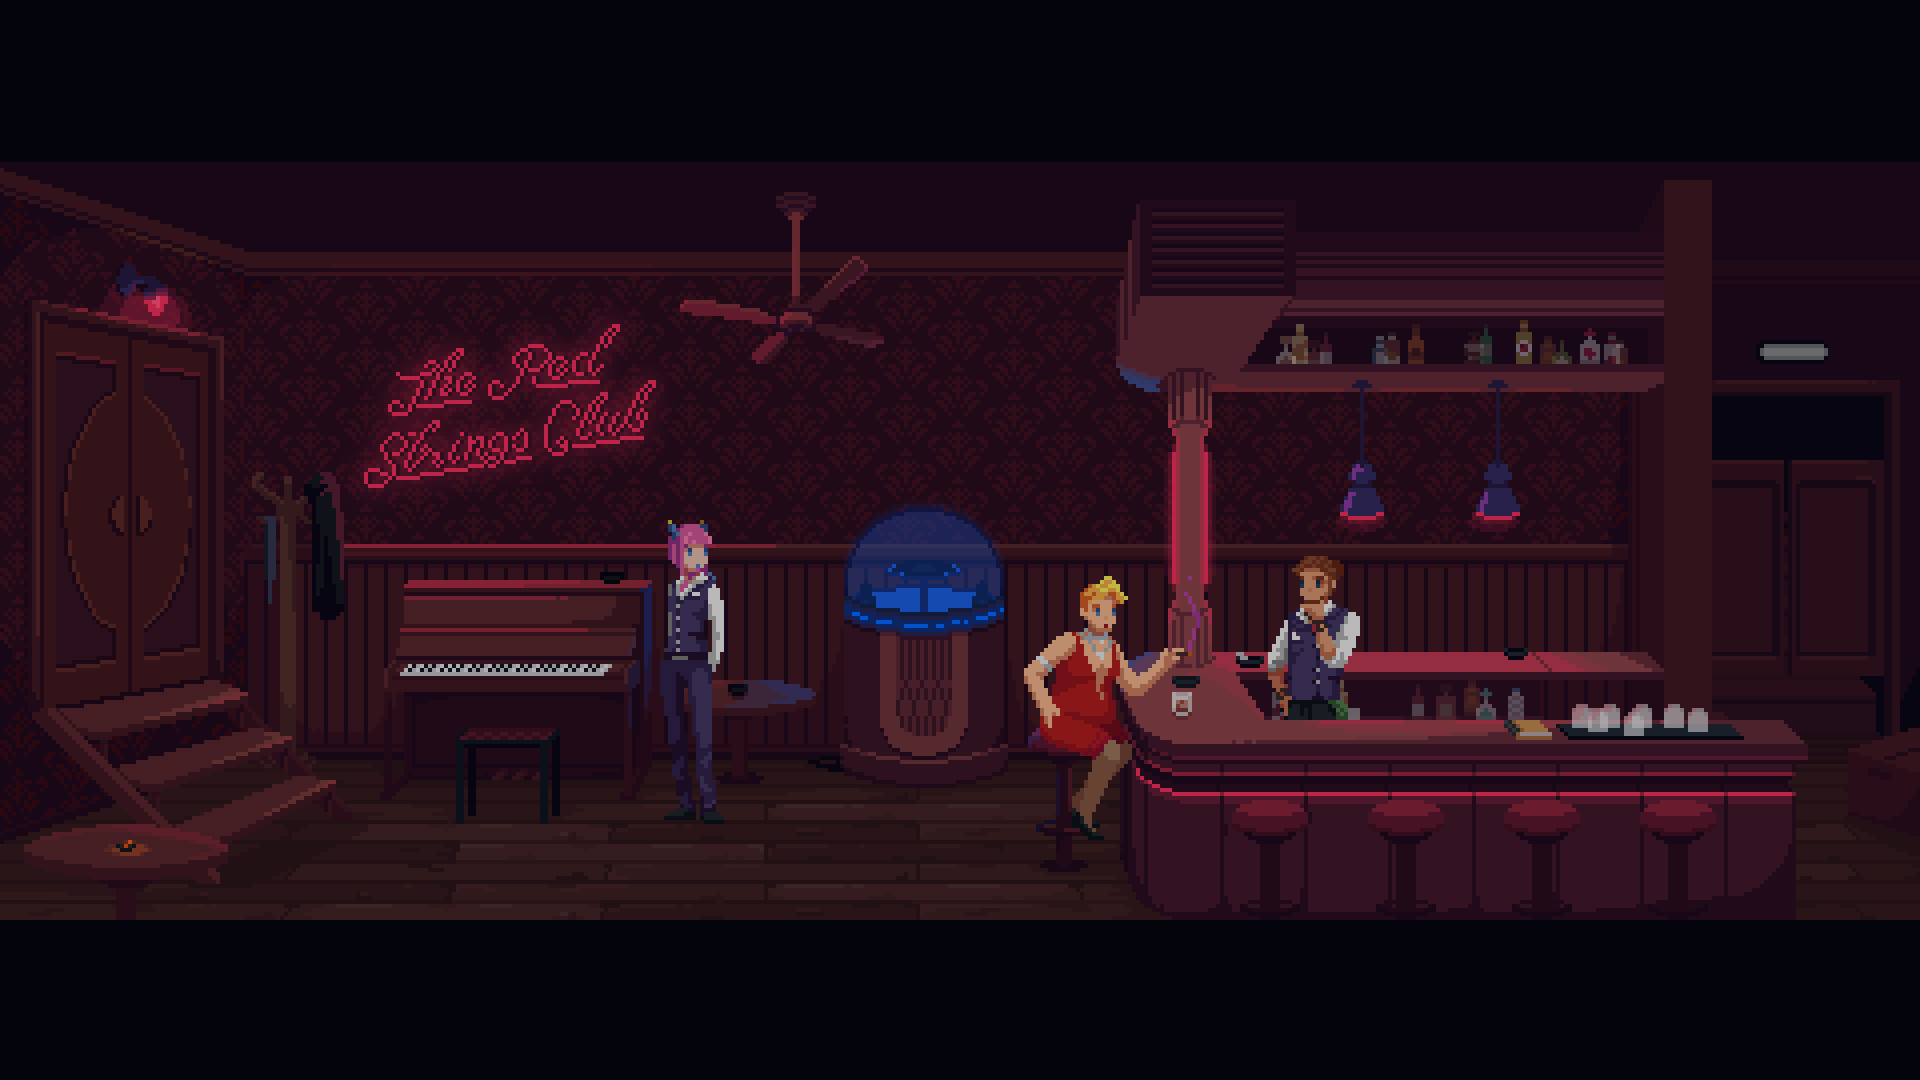 Скриншоты к The Red Strings Club (2018) на русском языке